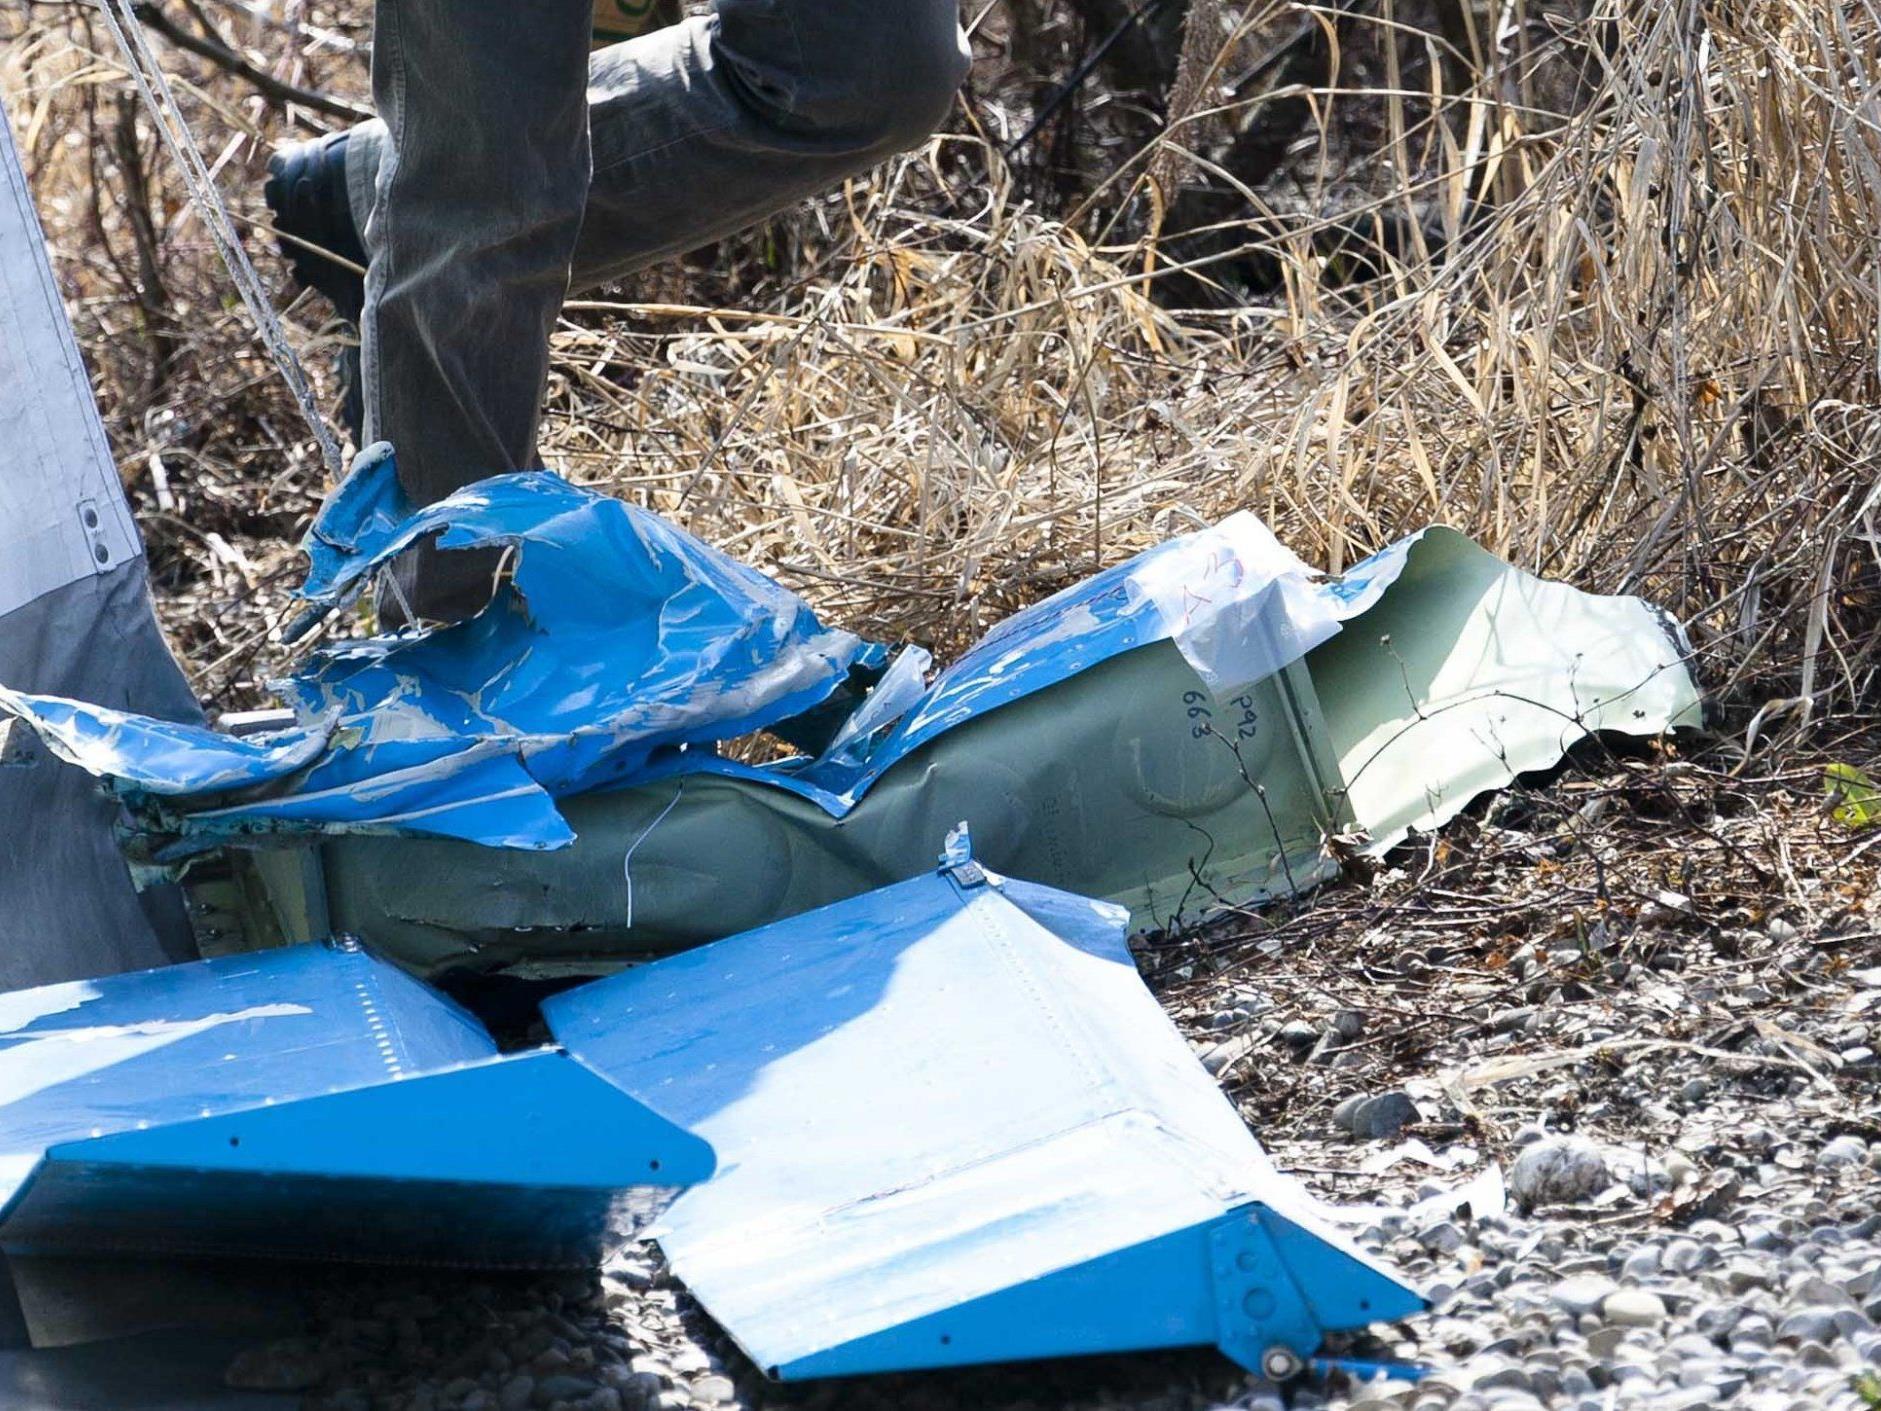 Ein Wrack: Das Ultraleichtflugzeug war nach dem Aufprall auf das Wasser nicht mehr wiederzuerkennen.